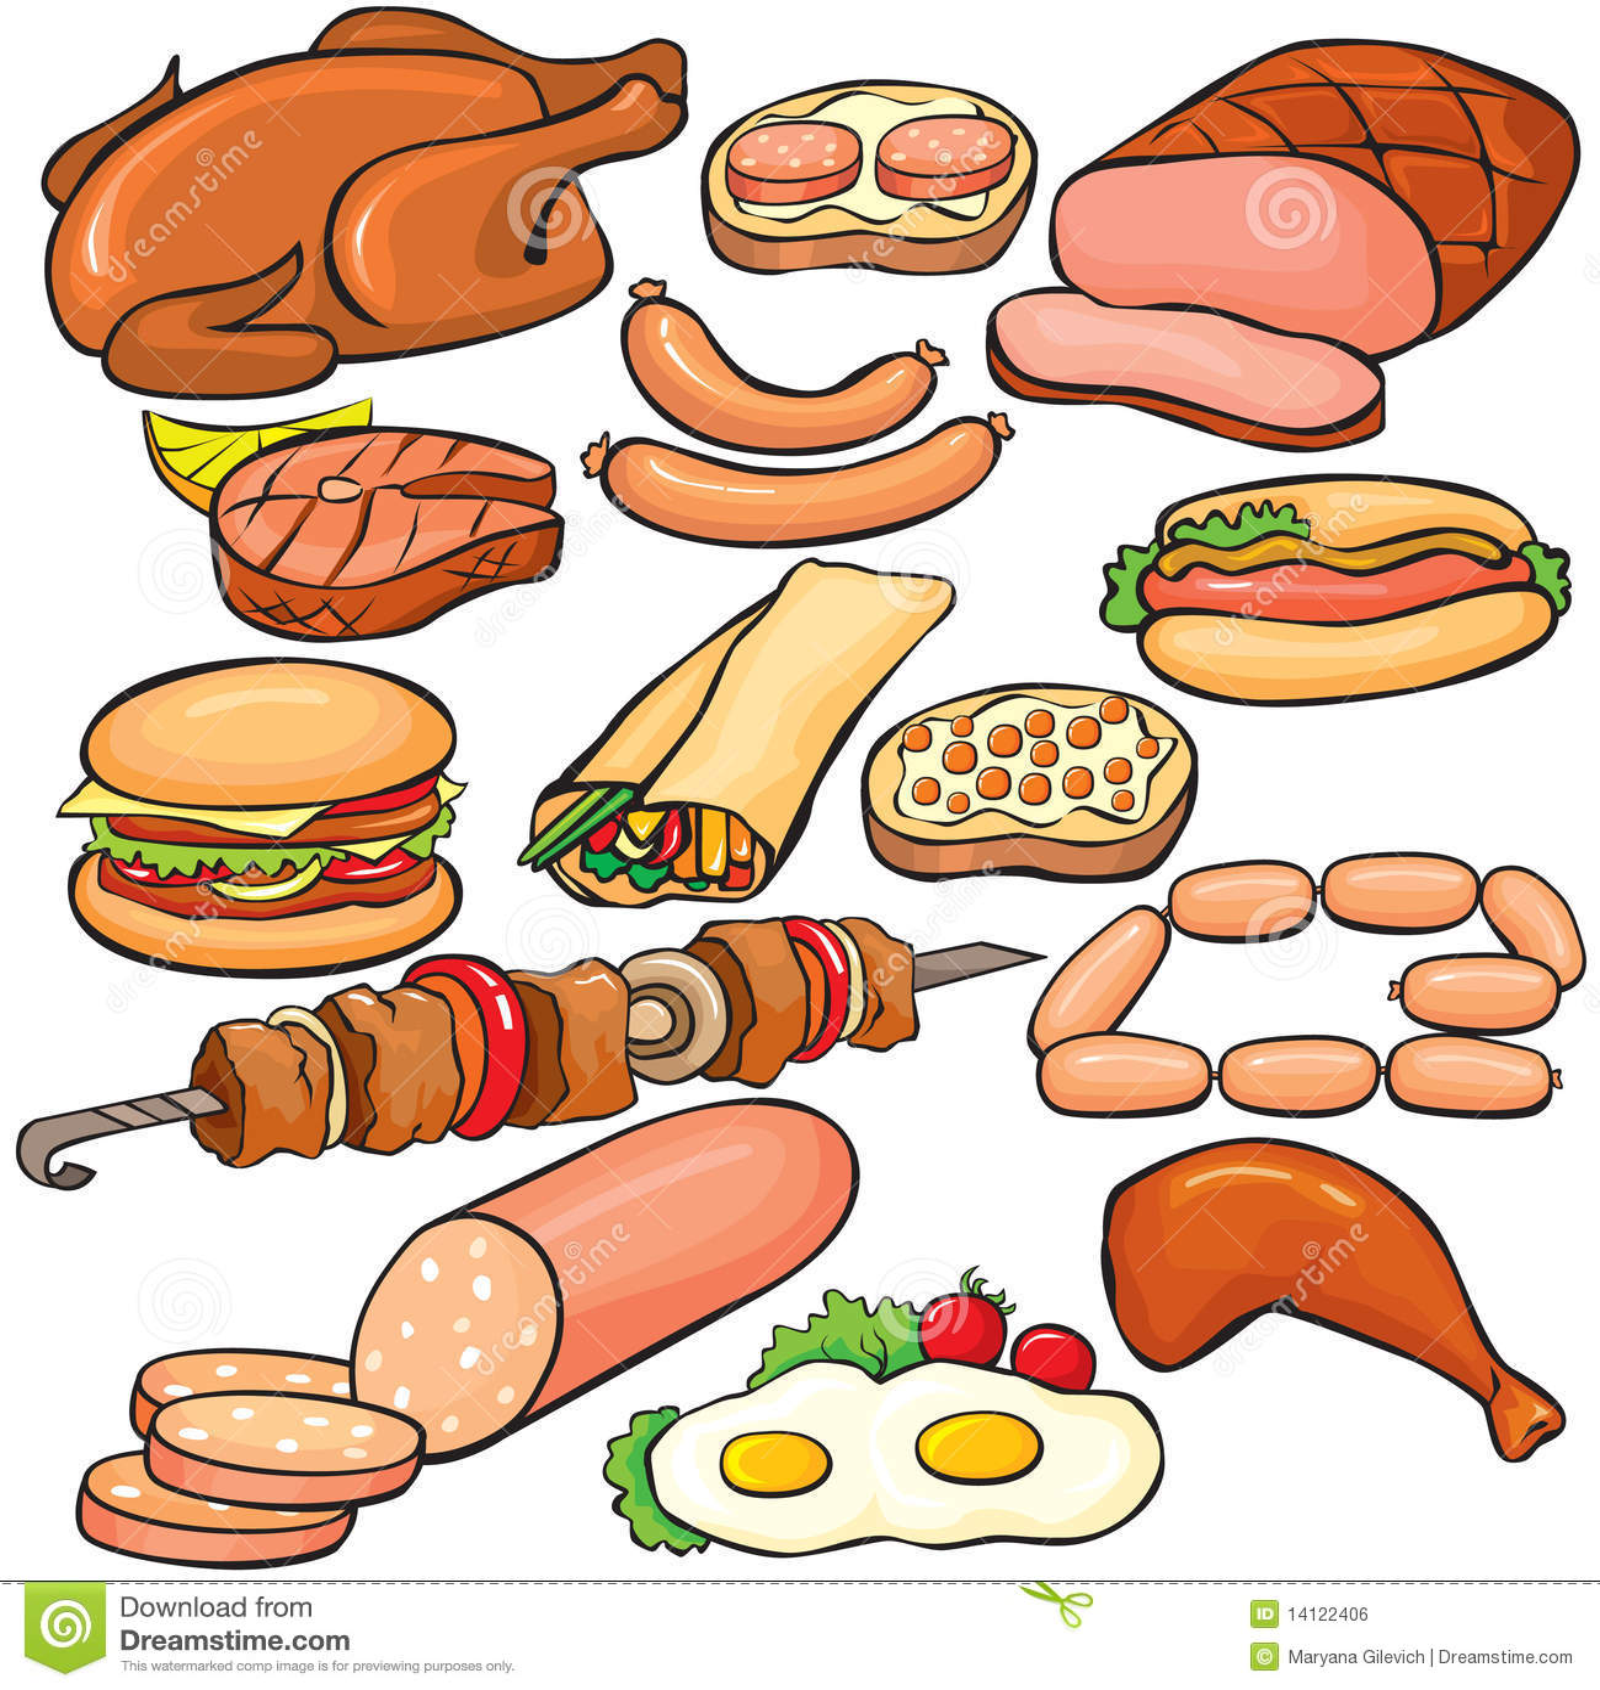 собрали картинки для расспечатки мяса и рыбы Статьи Выбор термобелья